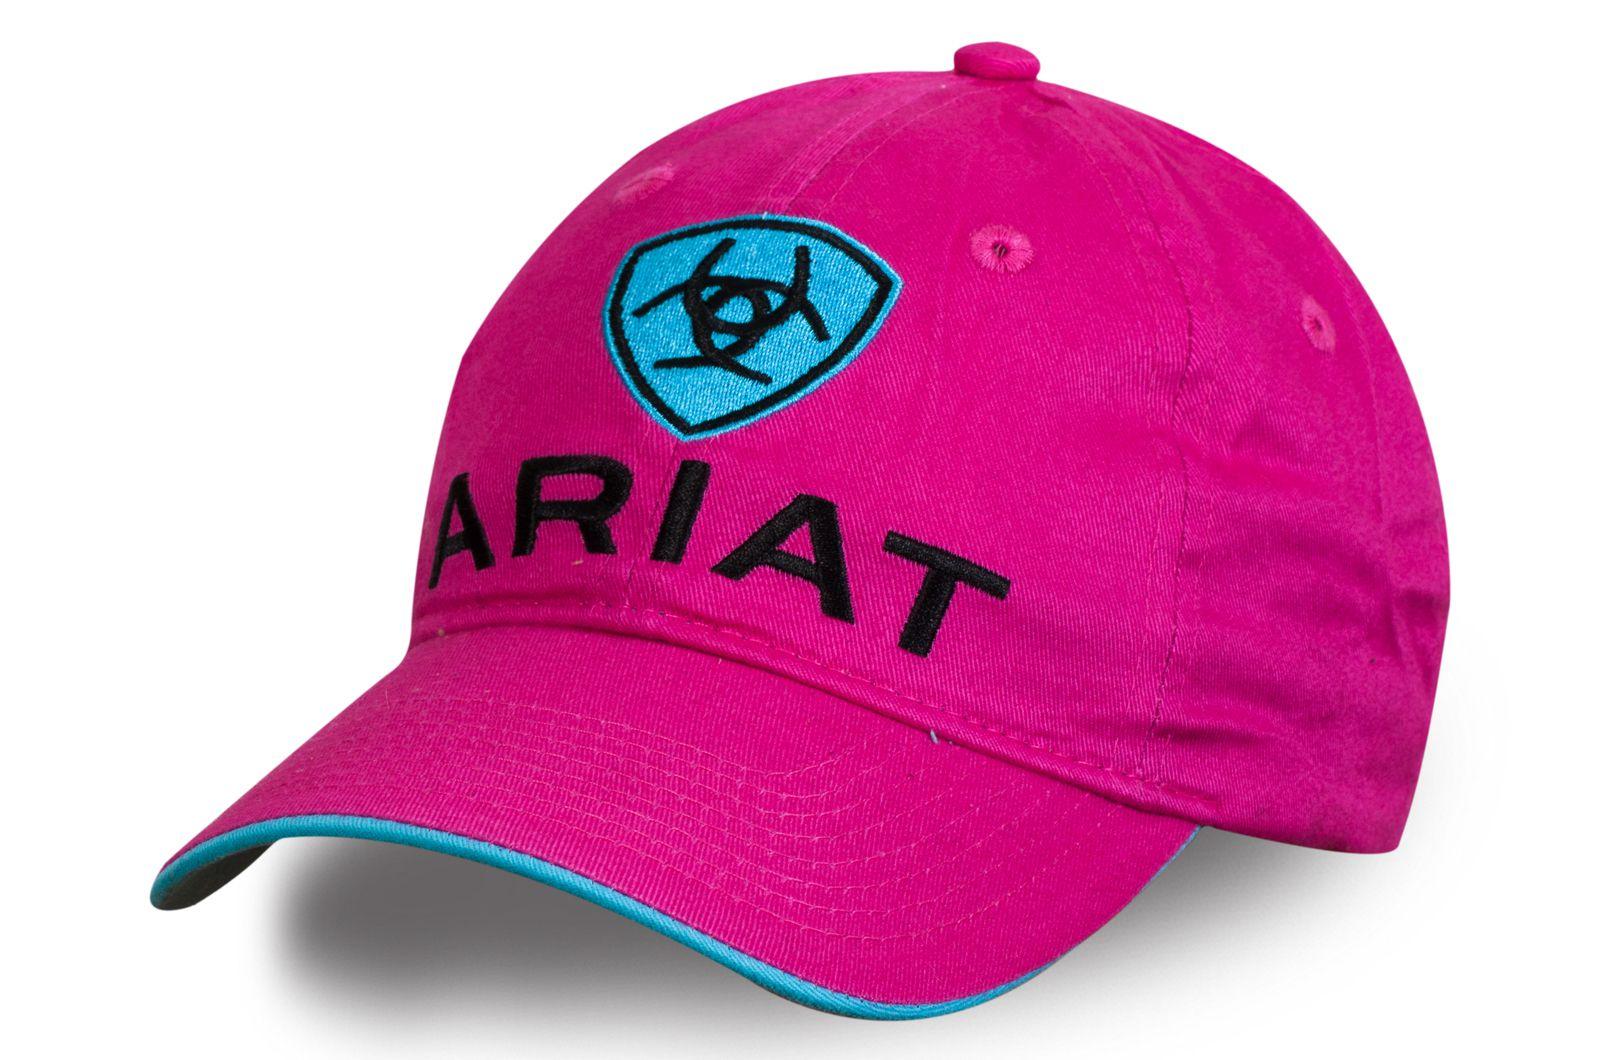 Гламурная брендовая кепка для девушки   Купить женскую бейсболку по лучшей цене